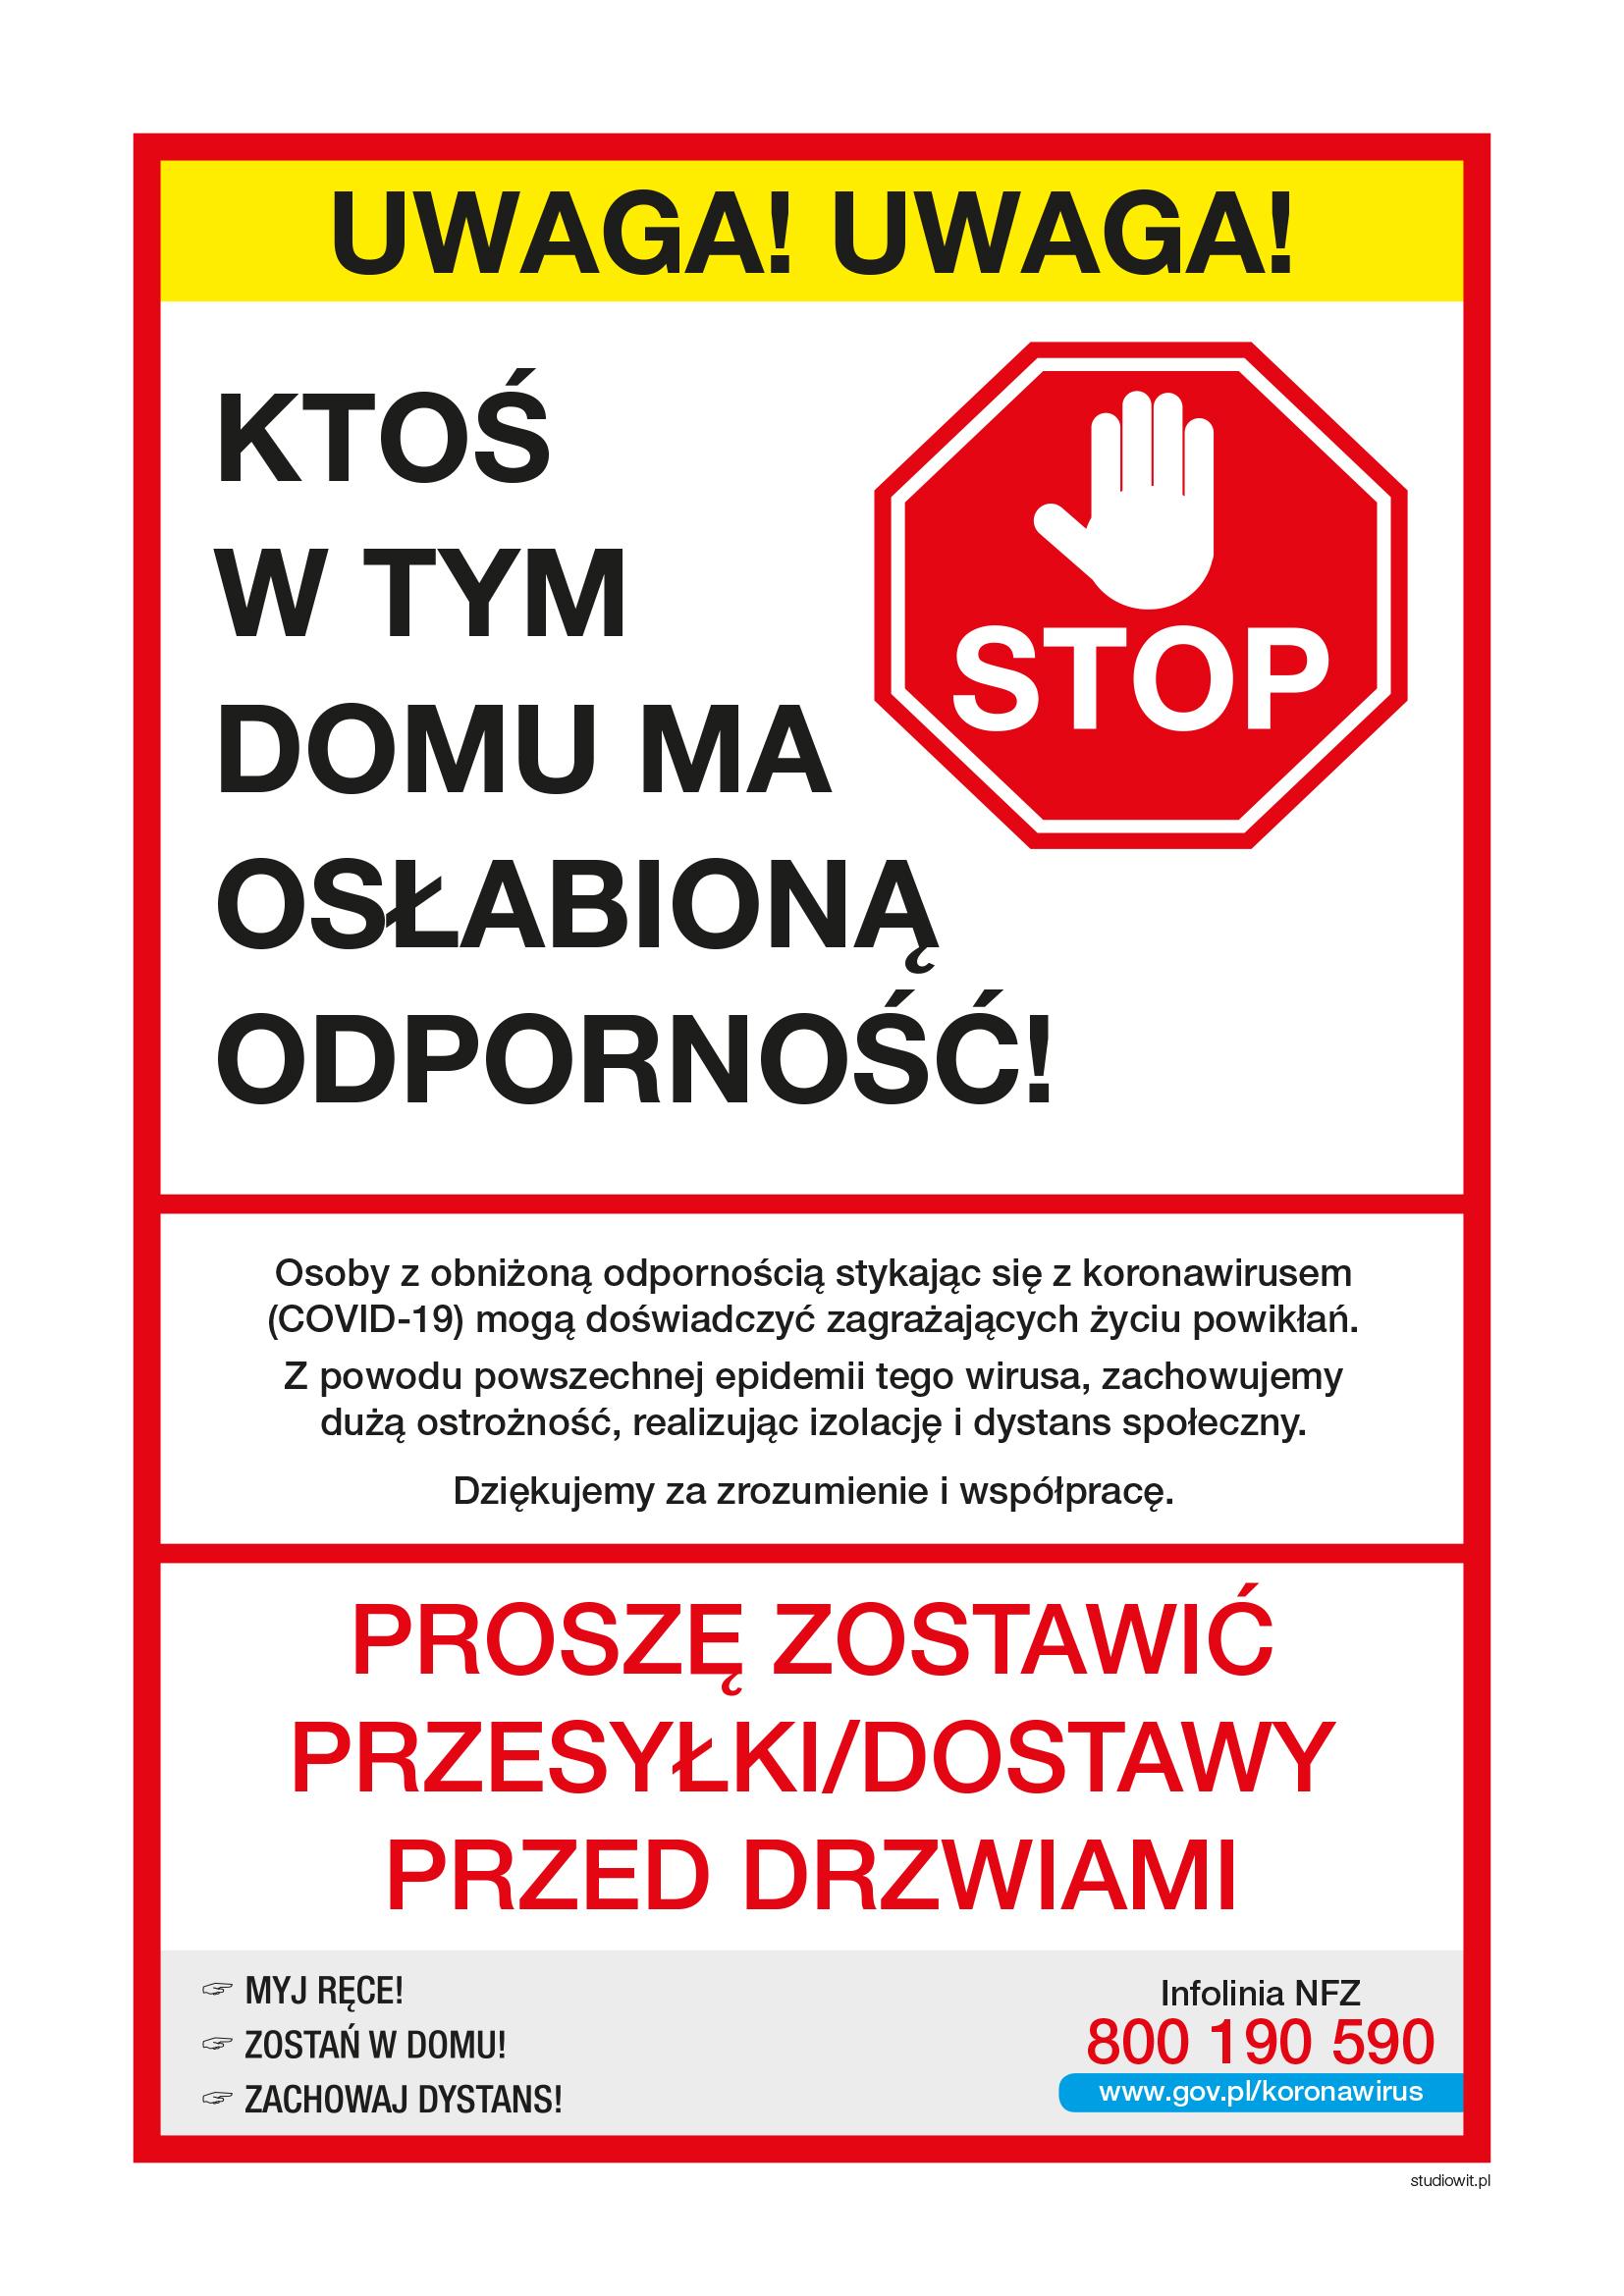 koronawirus_odpornosc